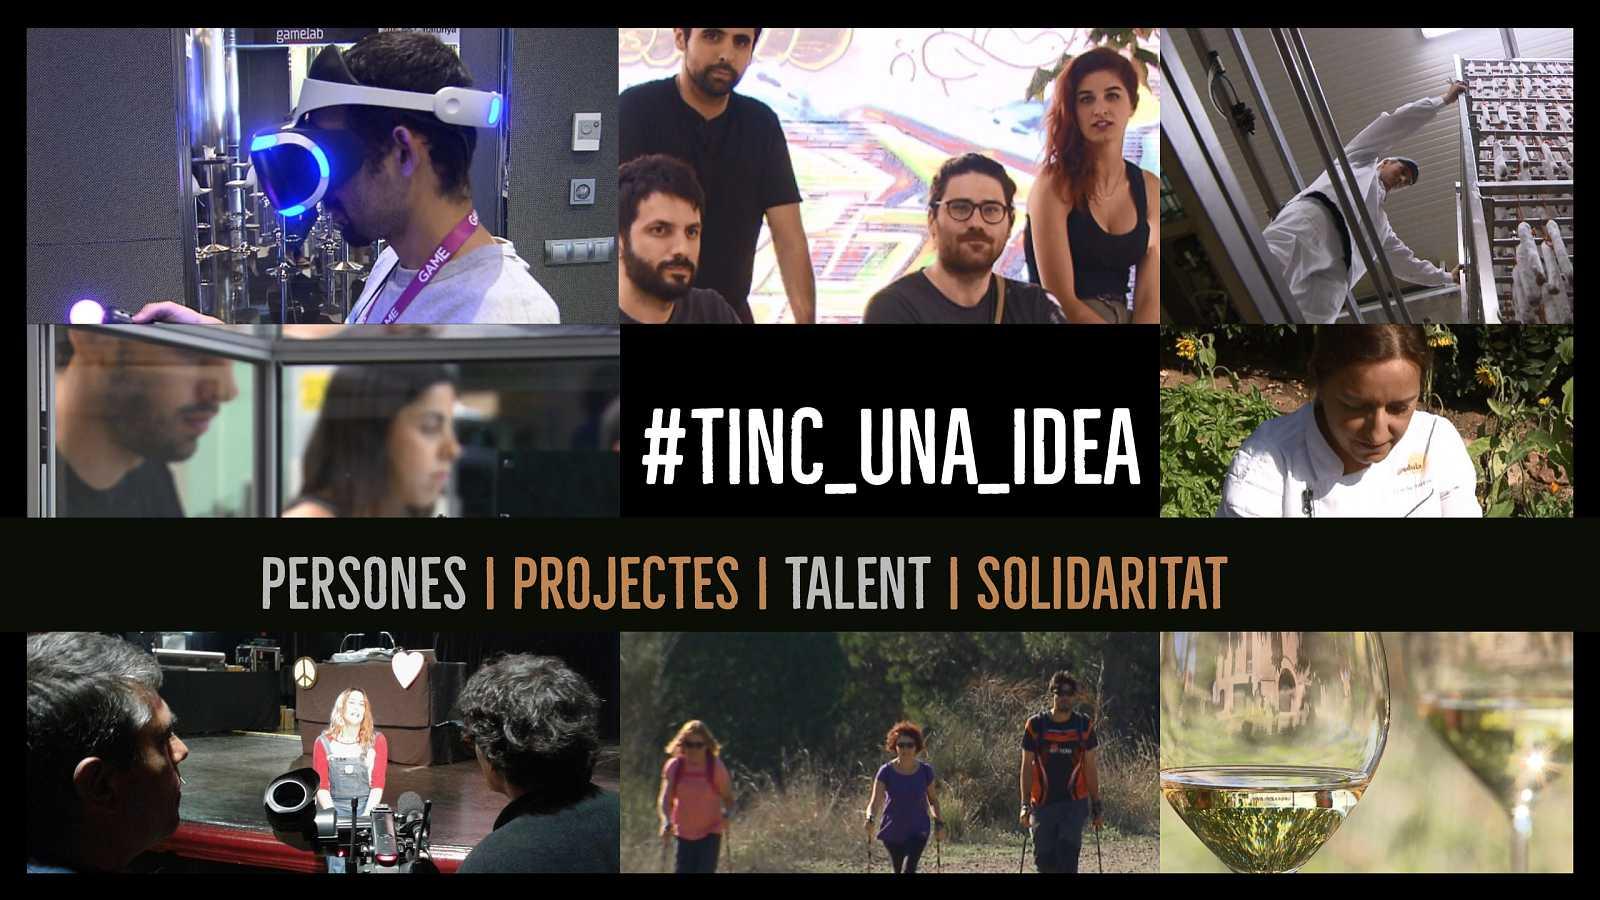 #Tinc_una_idea